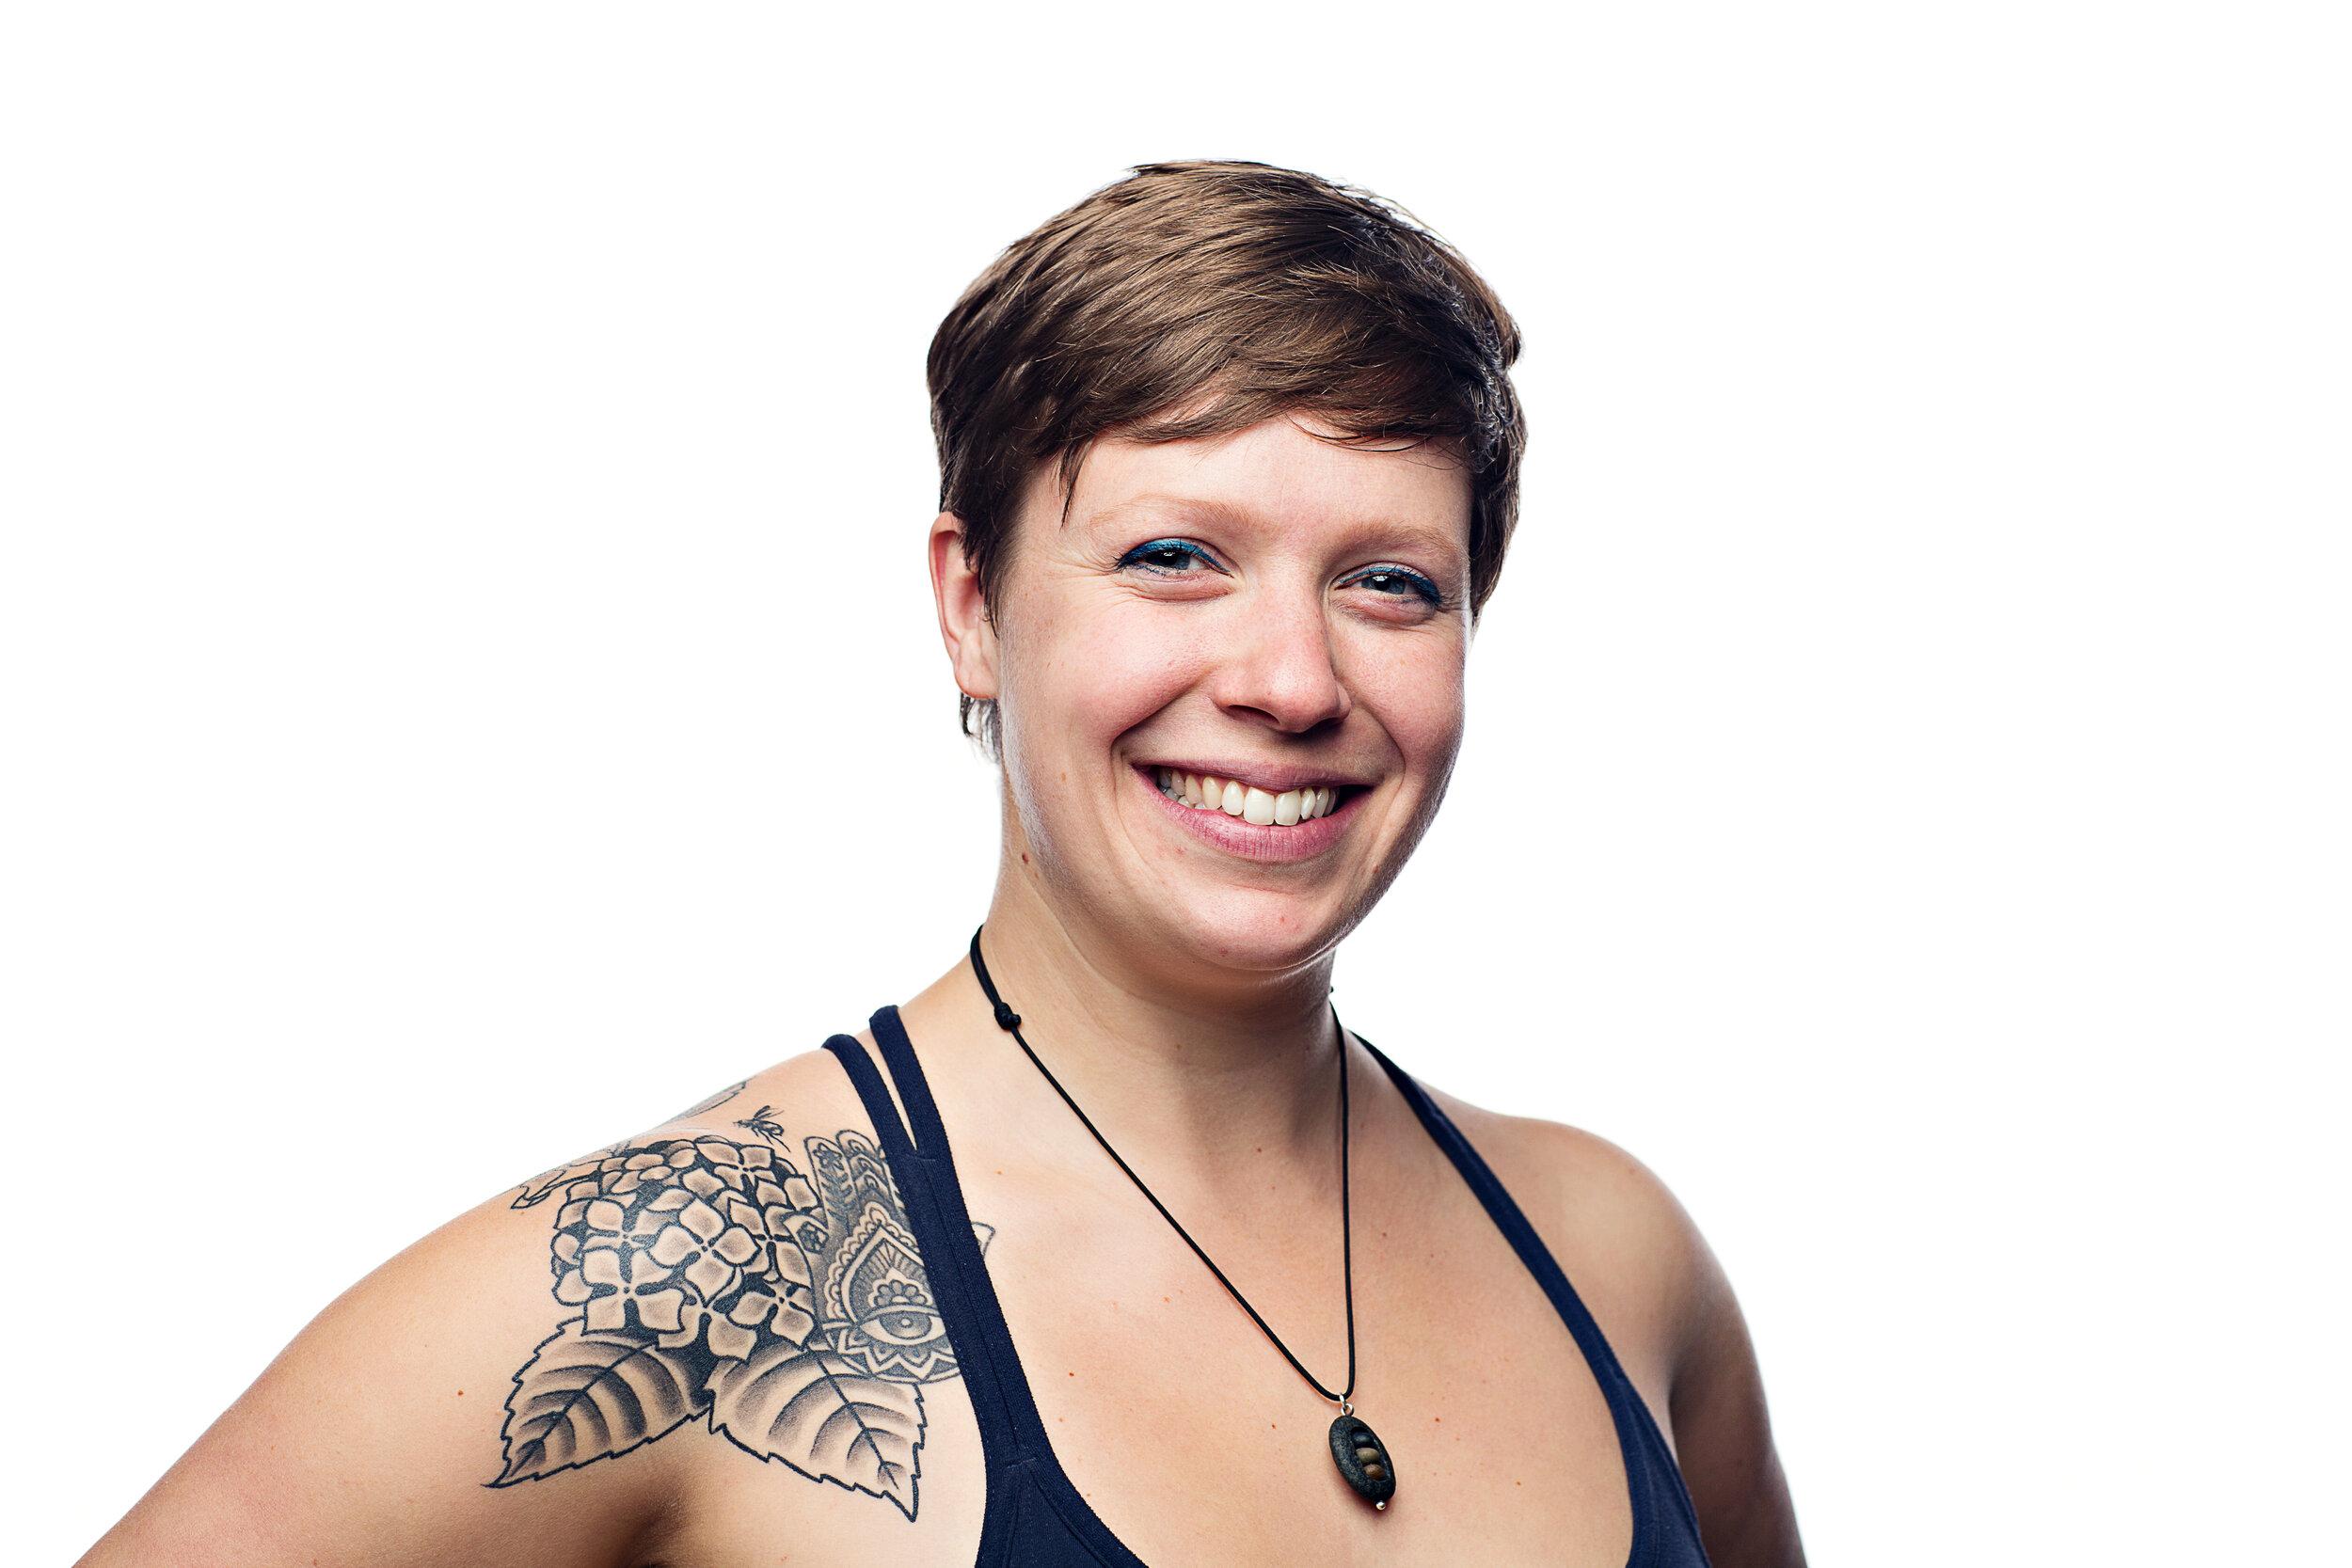 Leia Friedman, M.S.